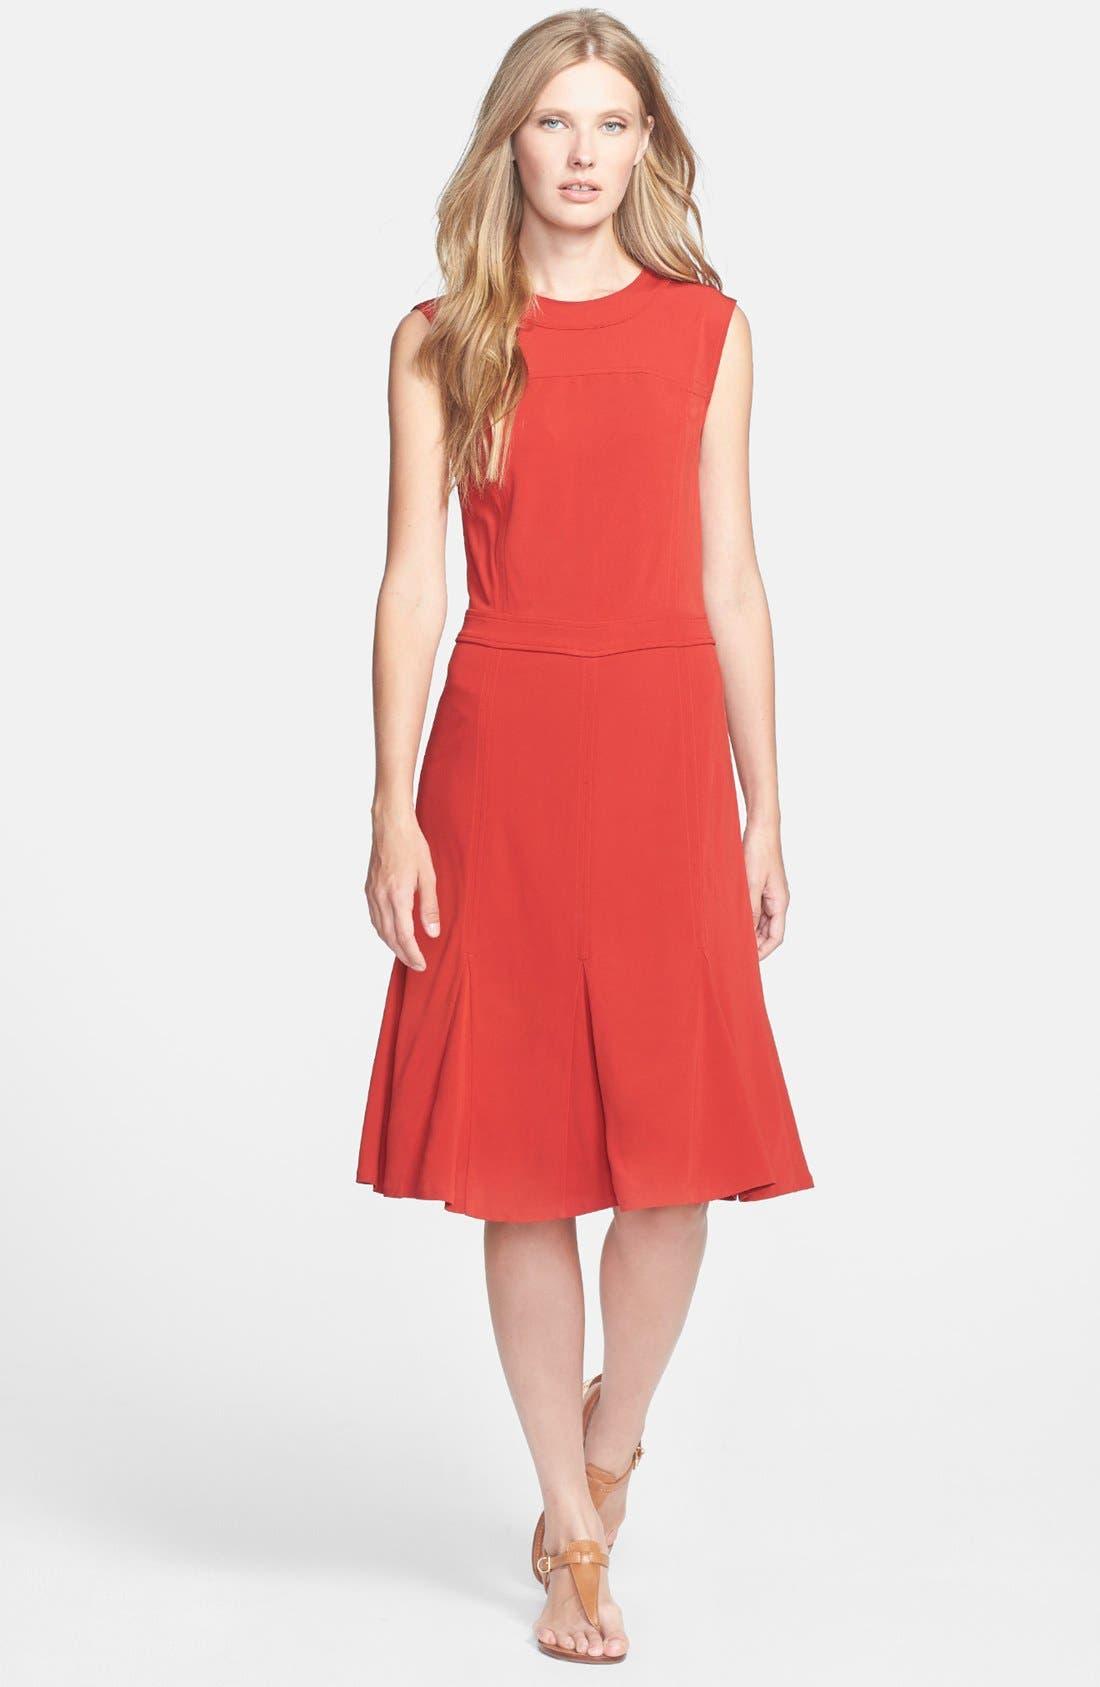 Main Image - Tory Burch 'Deeann' Woven A-Line Dress